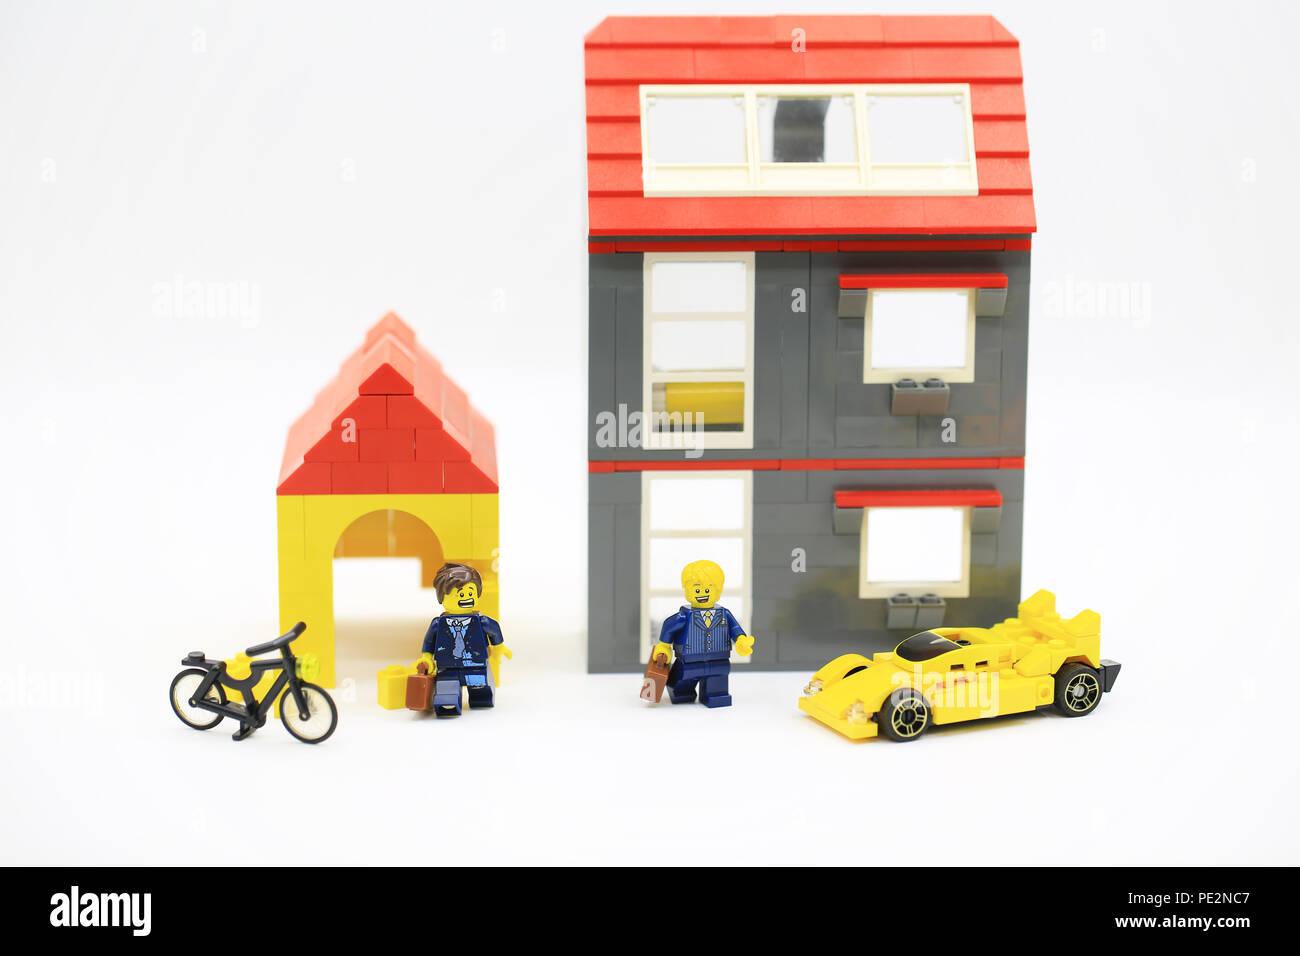 housing management - Stock Image